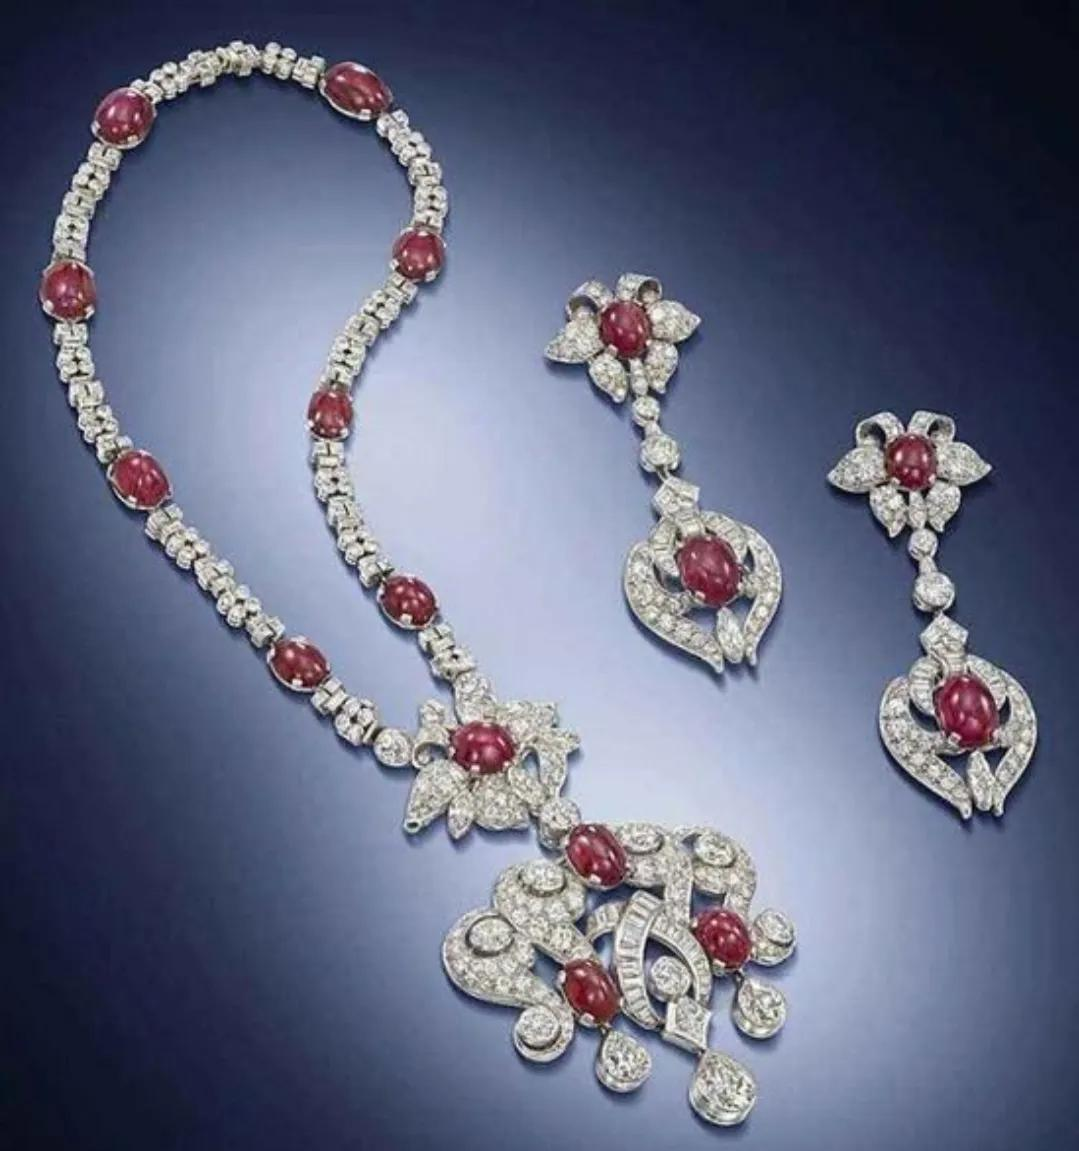 灵魂拷问:珠宝到底保值吗?黄金首饰保值吗?